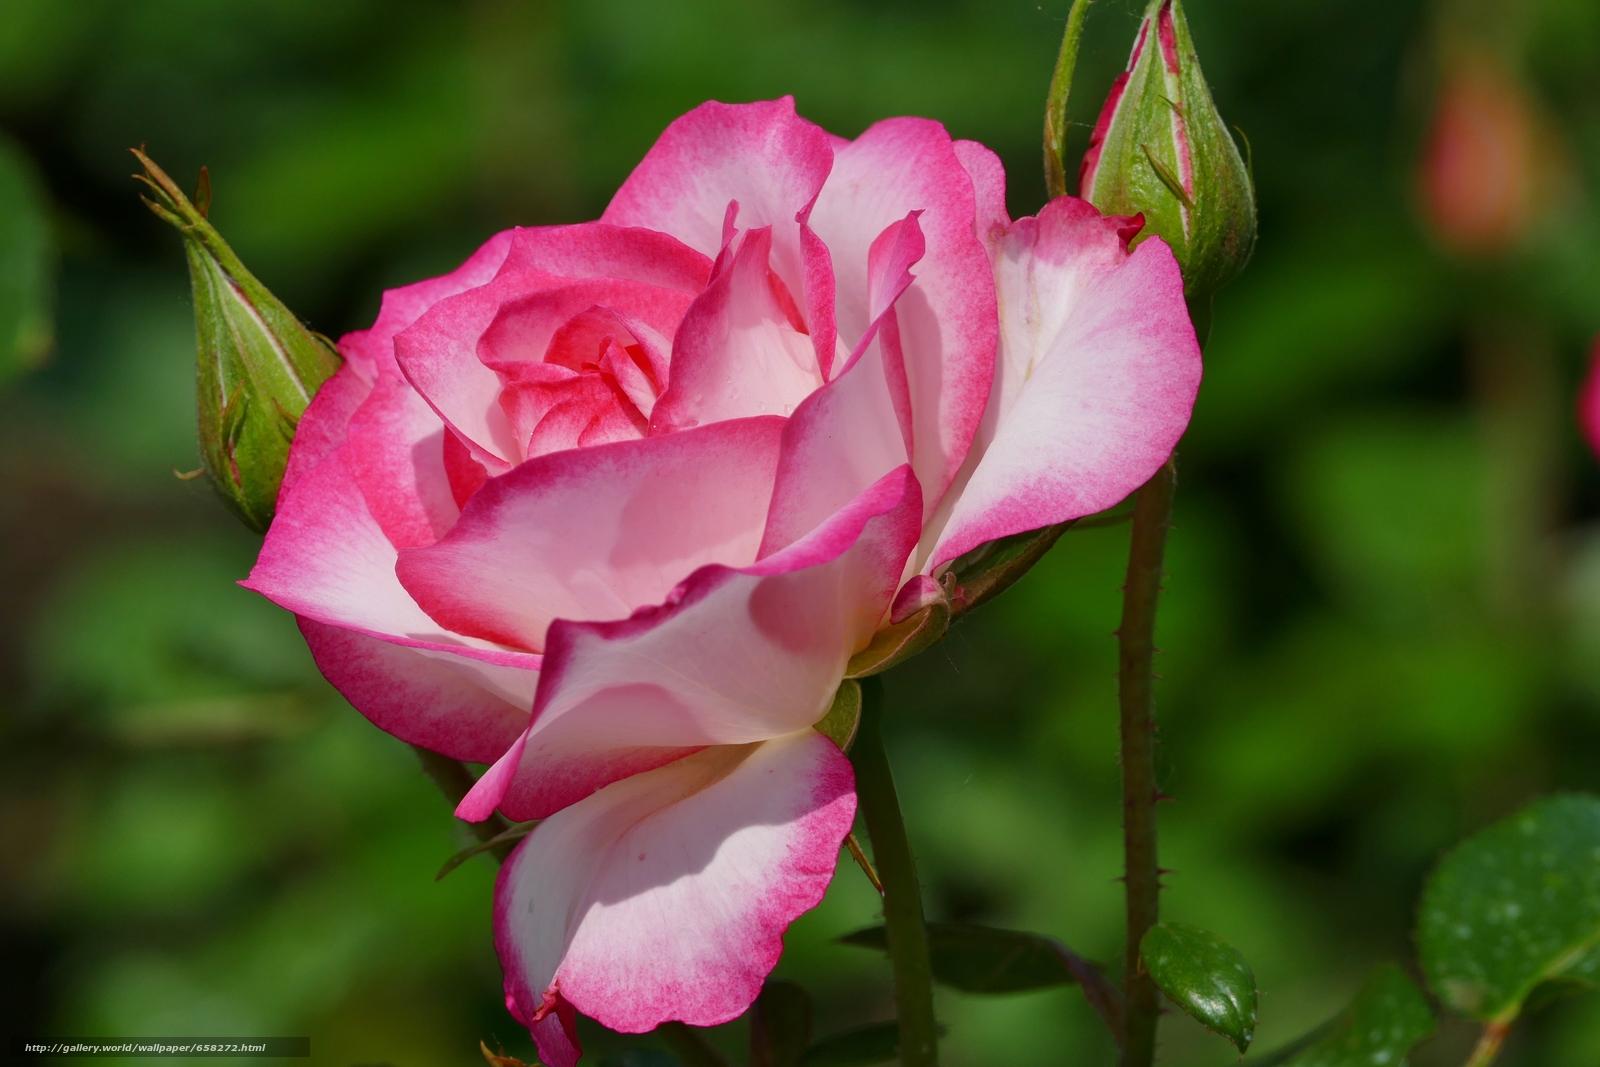 Скачать обои роза,  розы,  цветы,  флора бесплатно для рабочего стола в разрешении 5472x3648 — картинка №658272